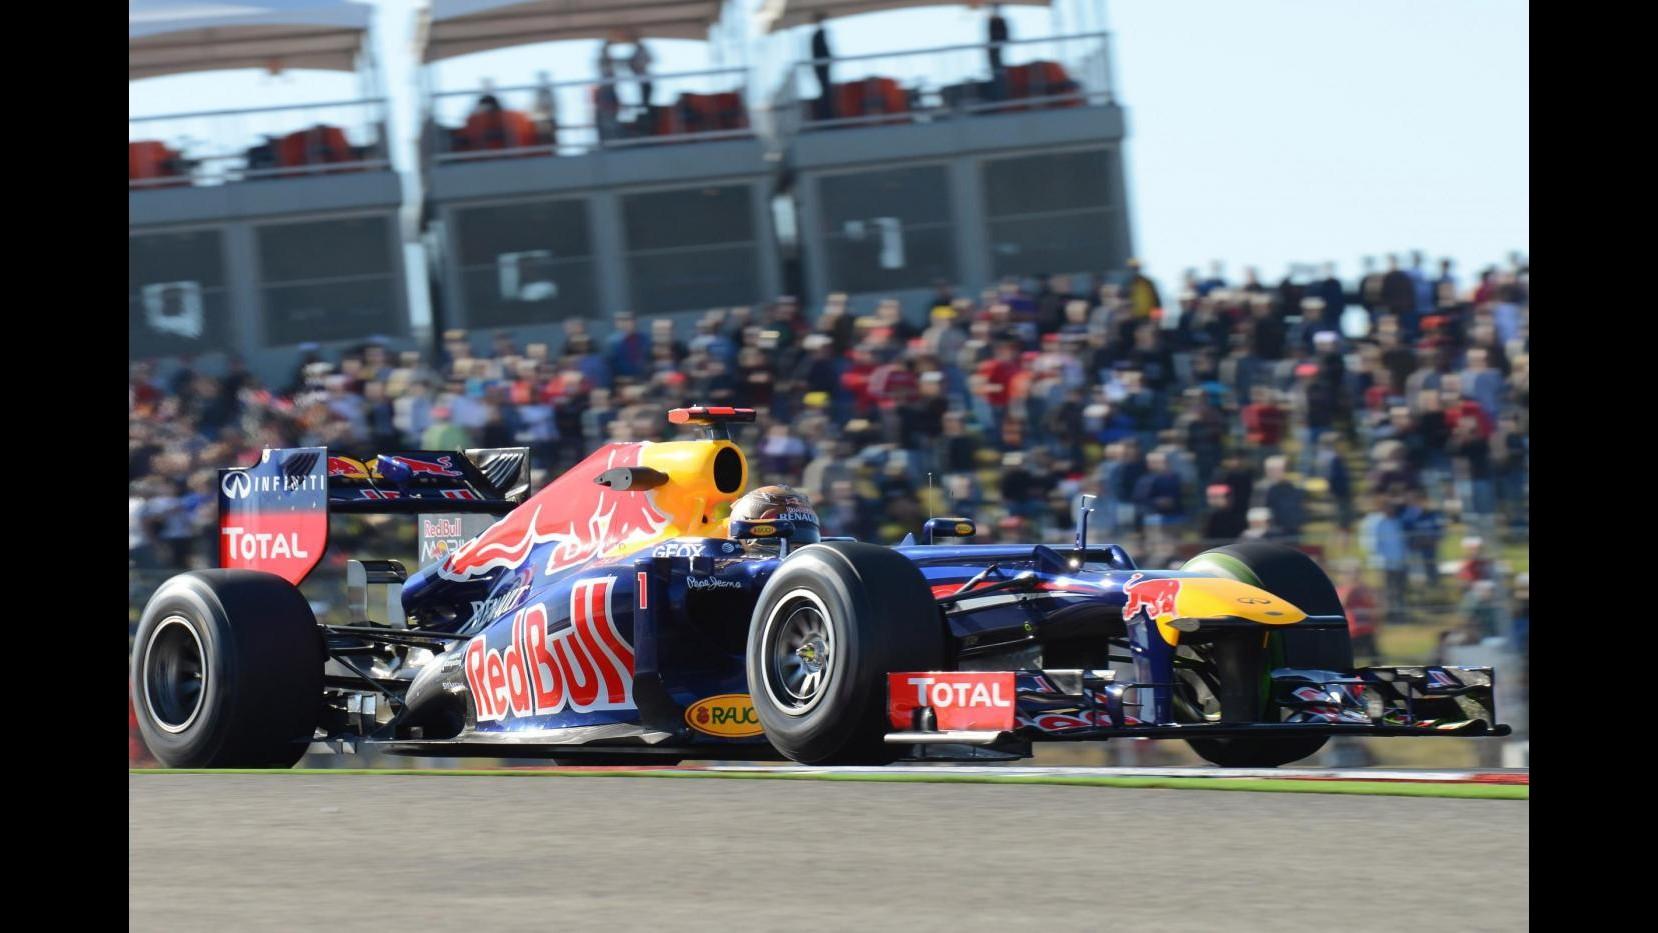 F1, Gp Usa: Vettel il più veloce in seconde libere, Alonso 3/o